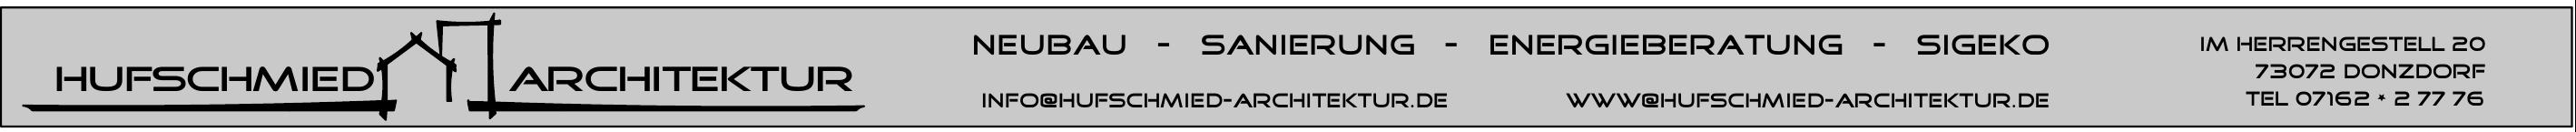 Hufschmied Architektur